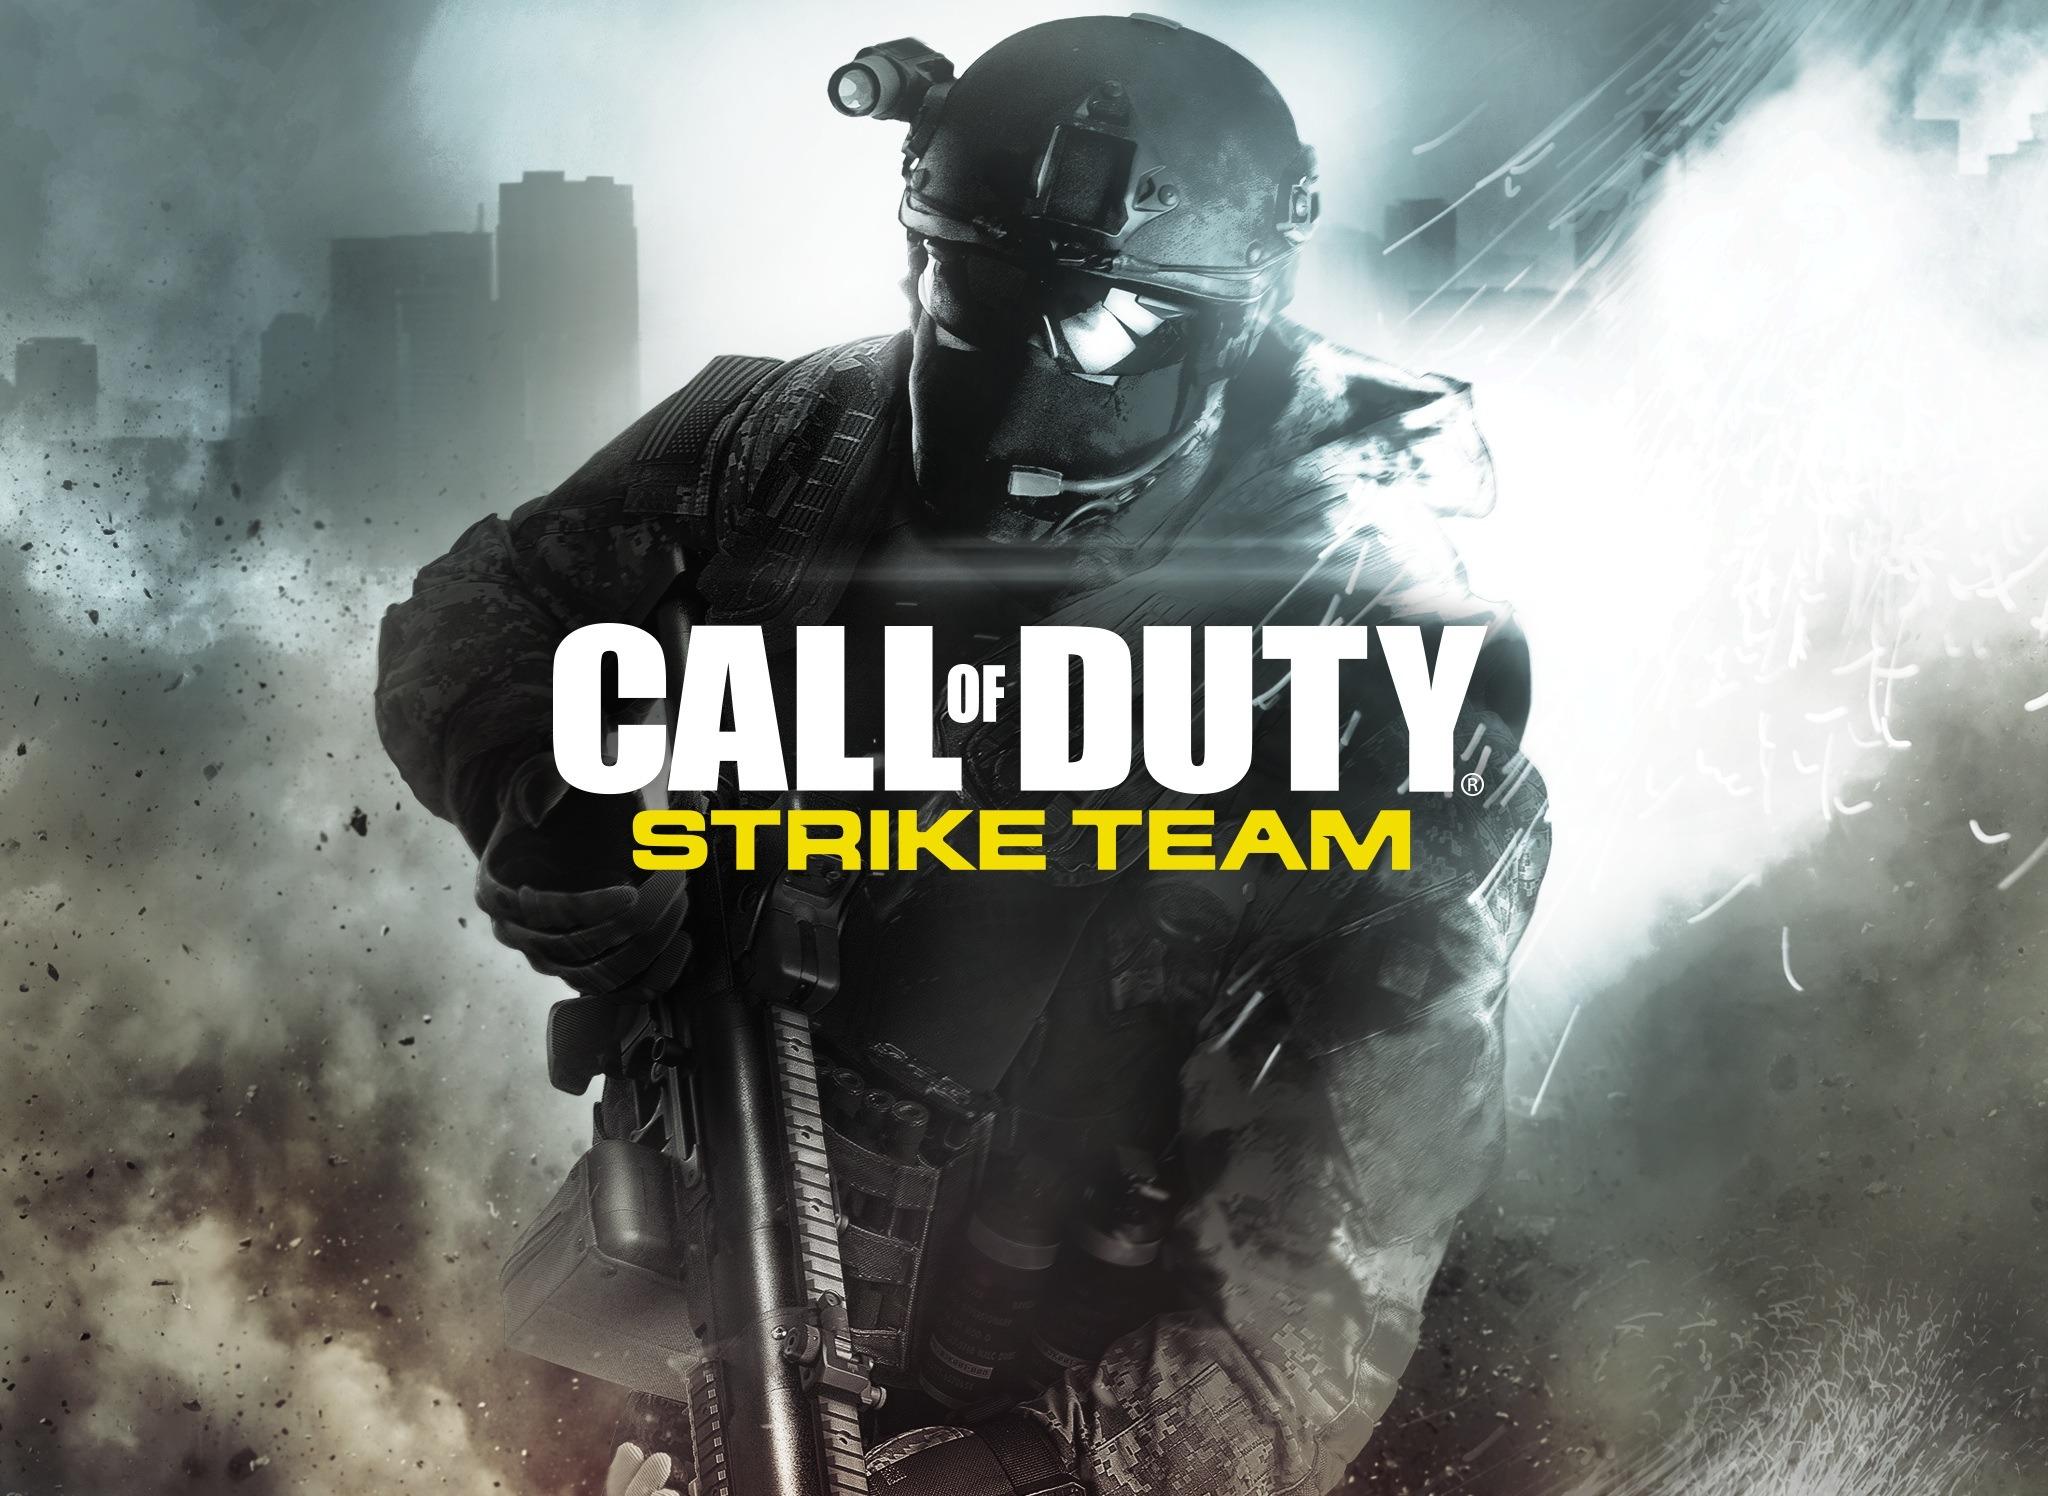 دانلود Call of Duty: Strike Team 1.0.30.40254 بازی کال اف دیوتی برای اندروید